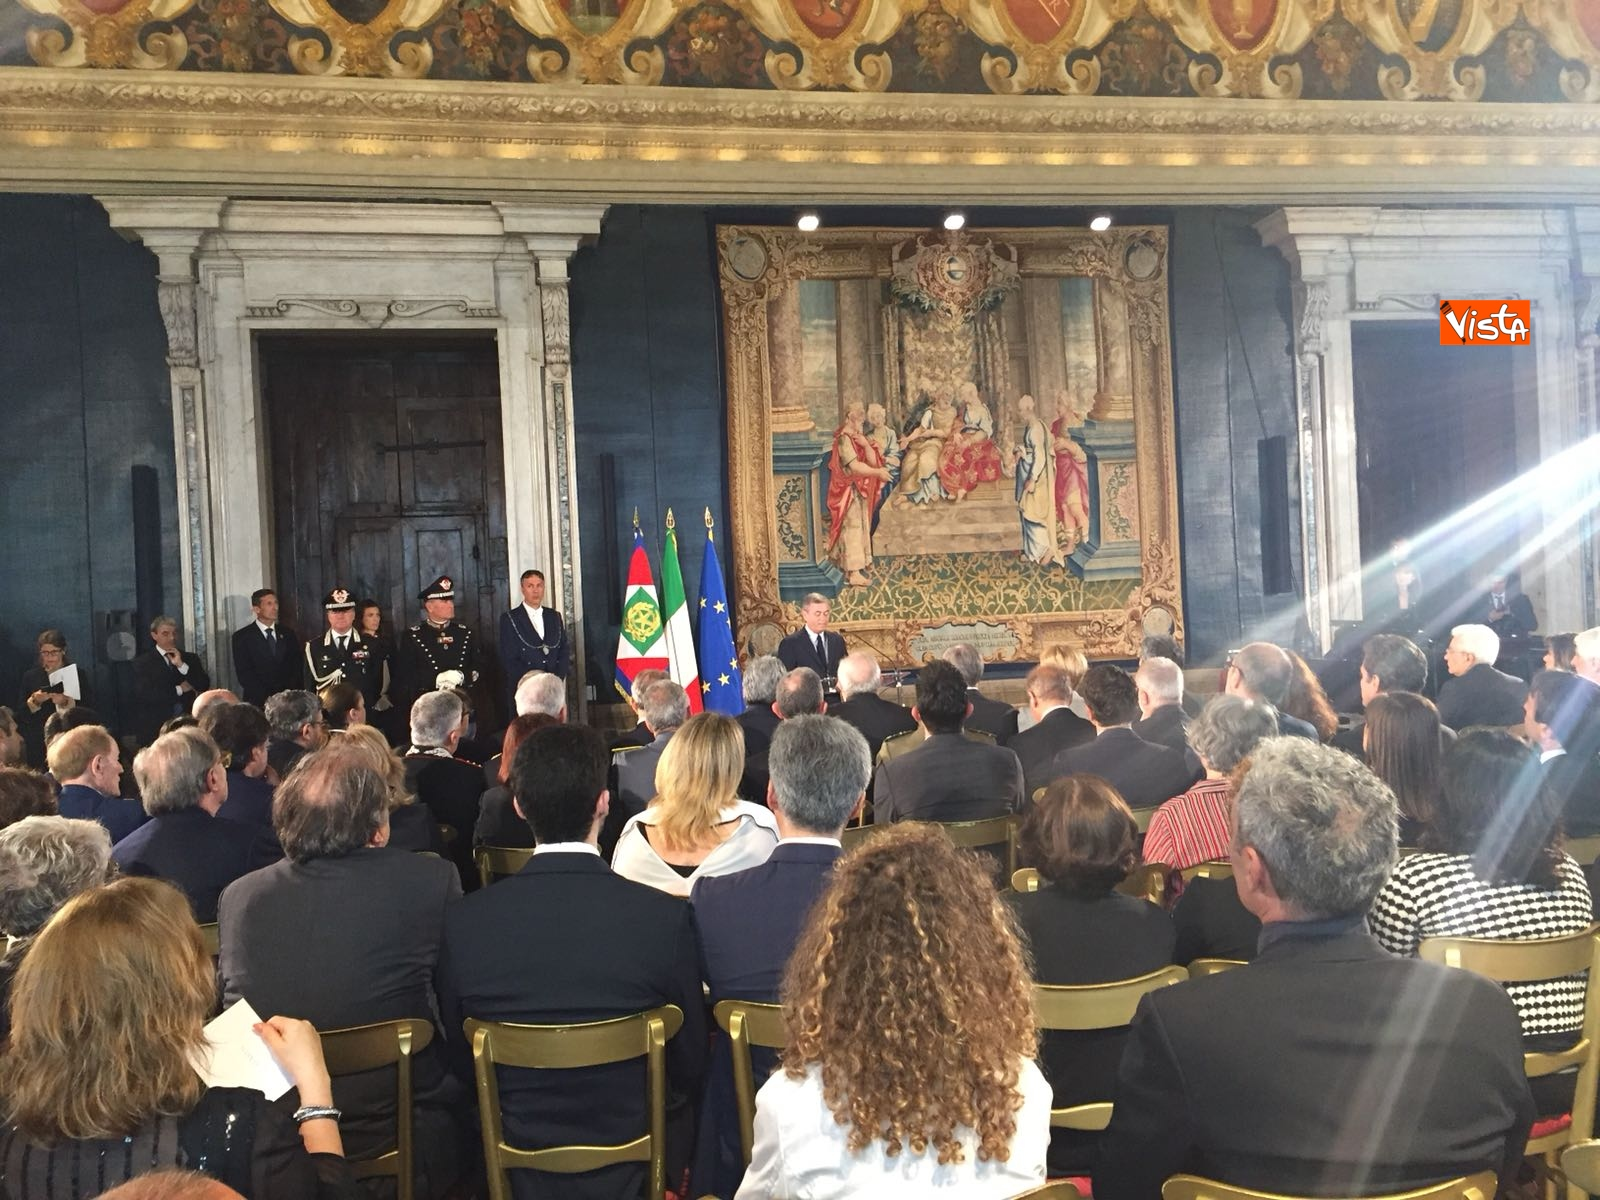 09-05-18 Cerimonia in memoria delle vittime del terrorismo al Quirinale, le immagini_10